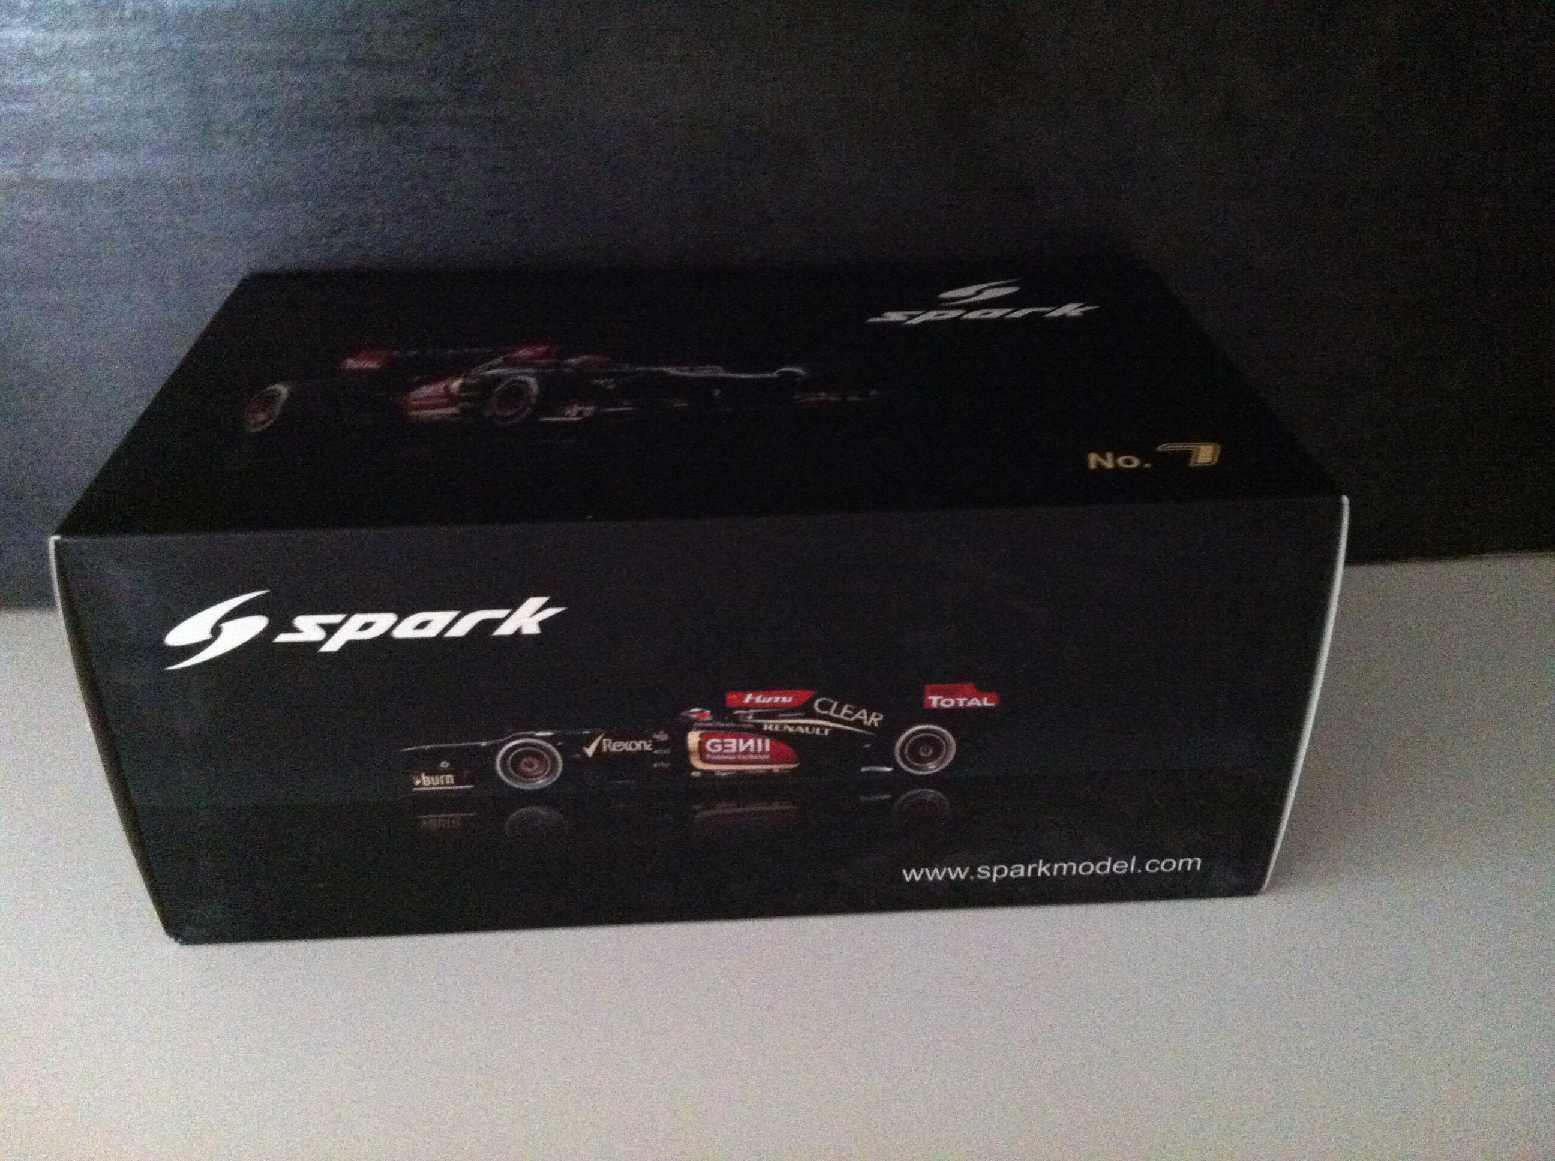 El nuevo outlet de marcas online. Lotus Renault E21 Raikkonen F1 2013 Spark 1 1 1 18  todos los bienes son especiales